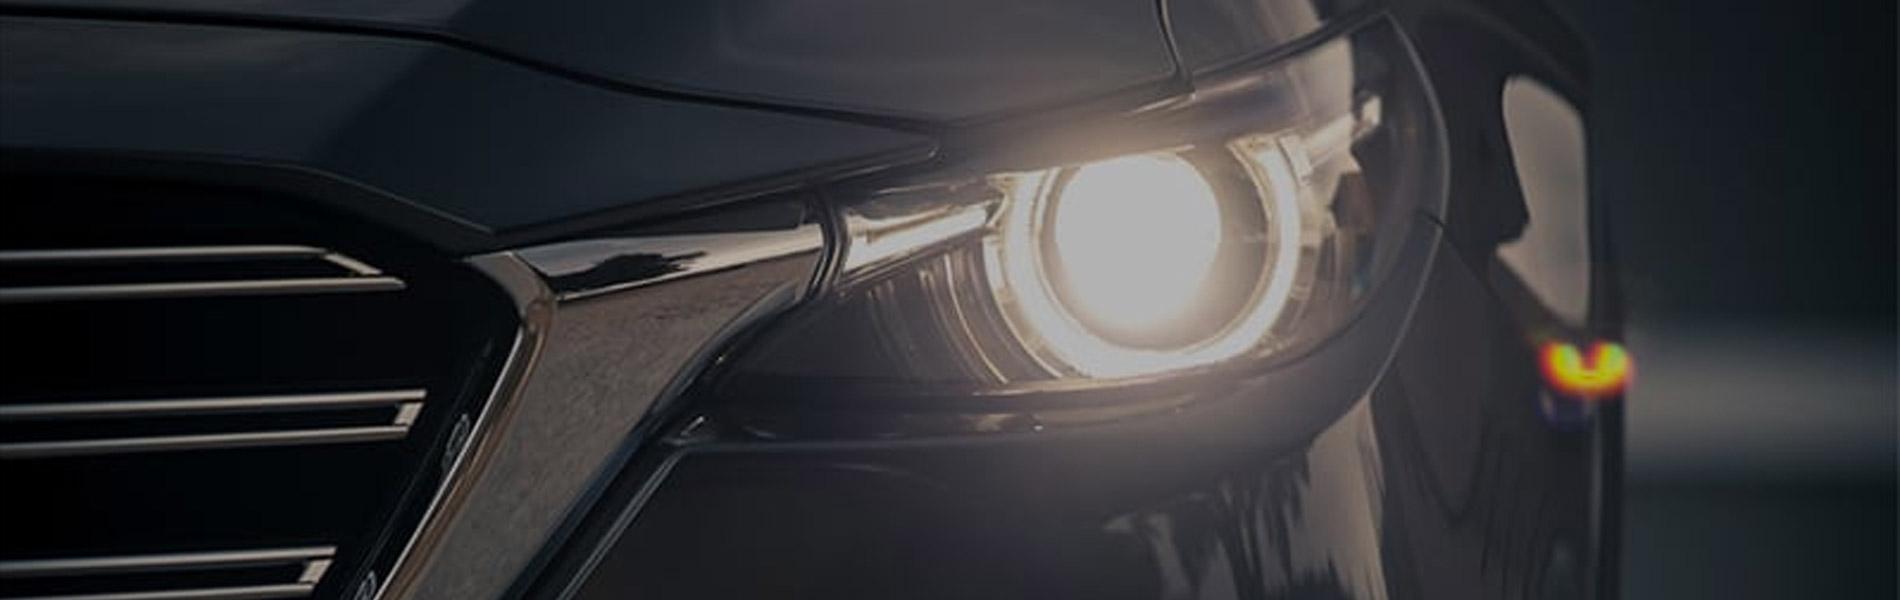 Mazda CX-9 Image 4